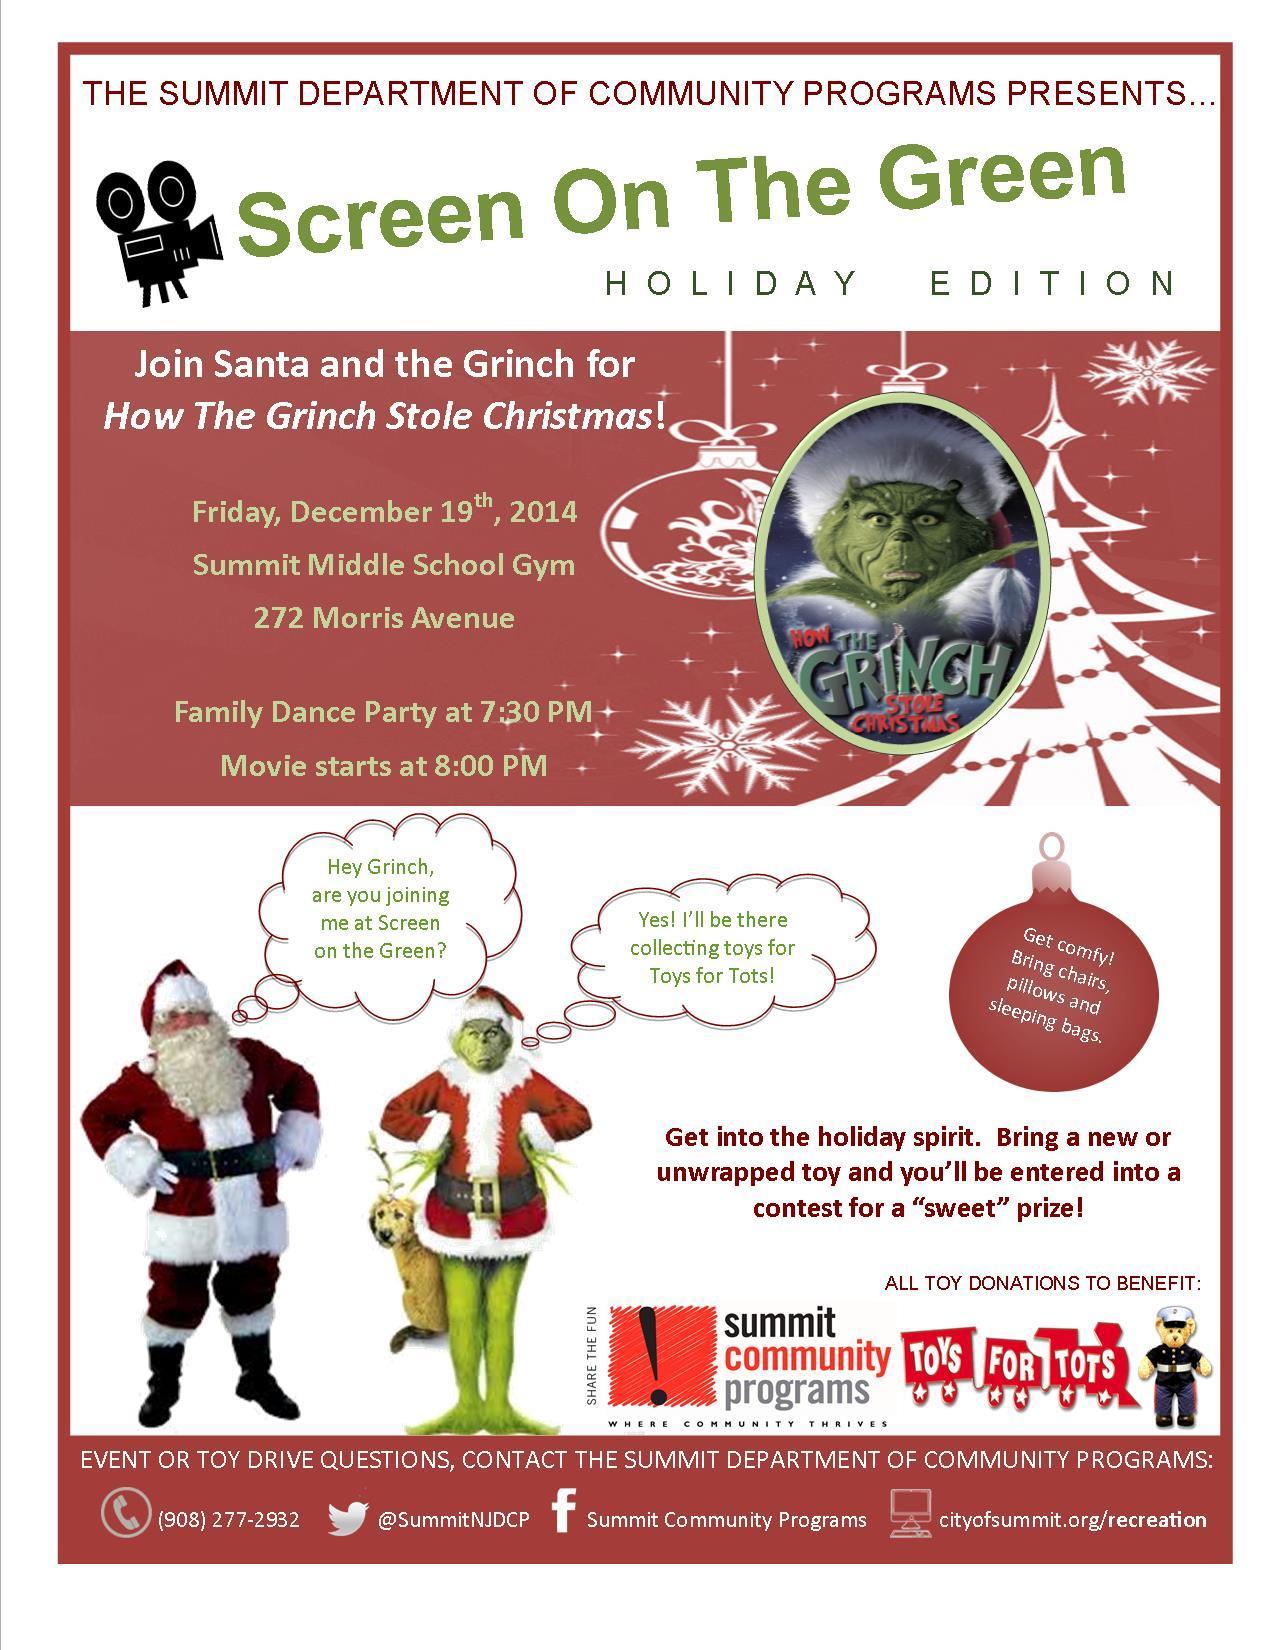 26414dd150b3cf429cb3_Screen_on_The_Green_Christmas.jpg